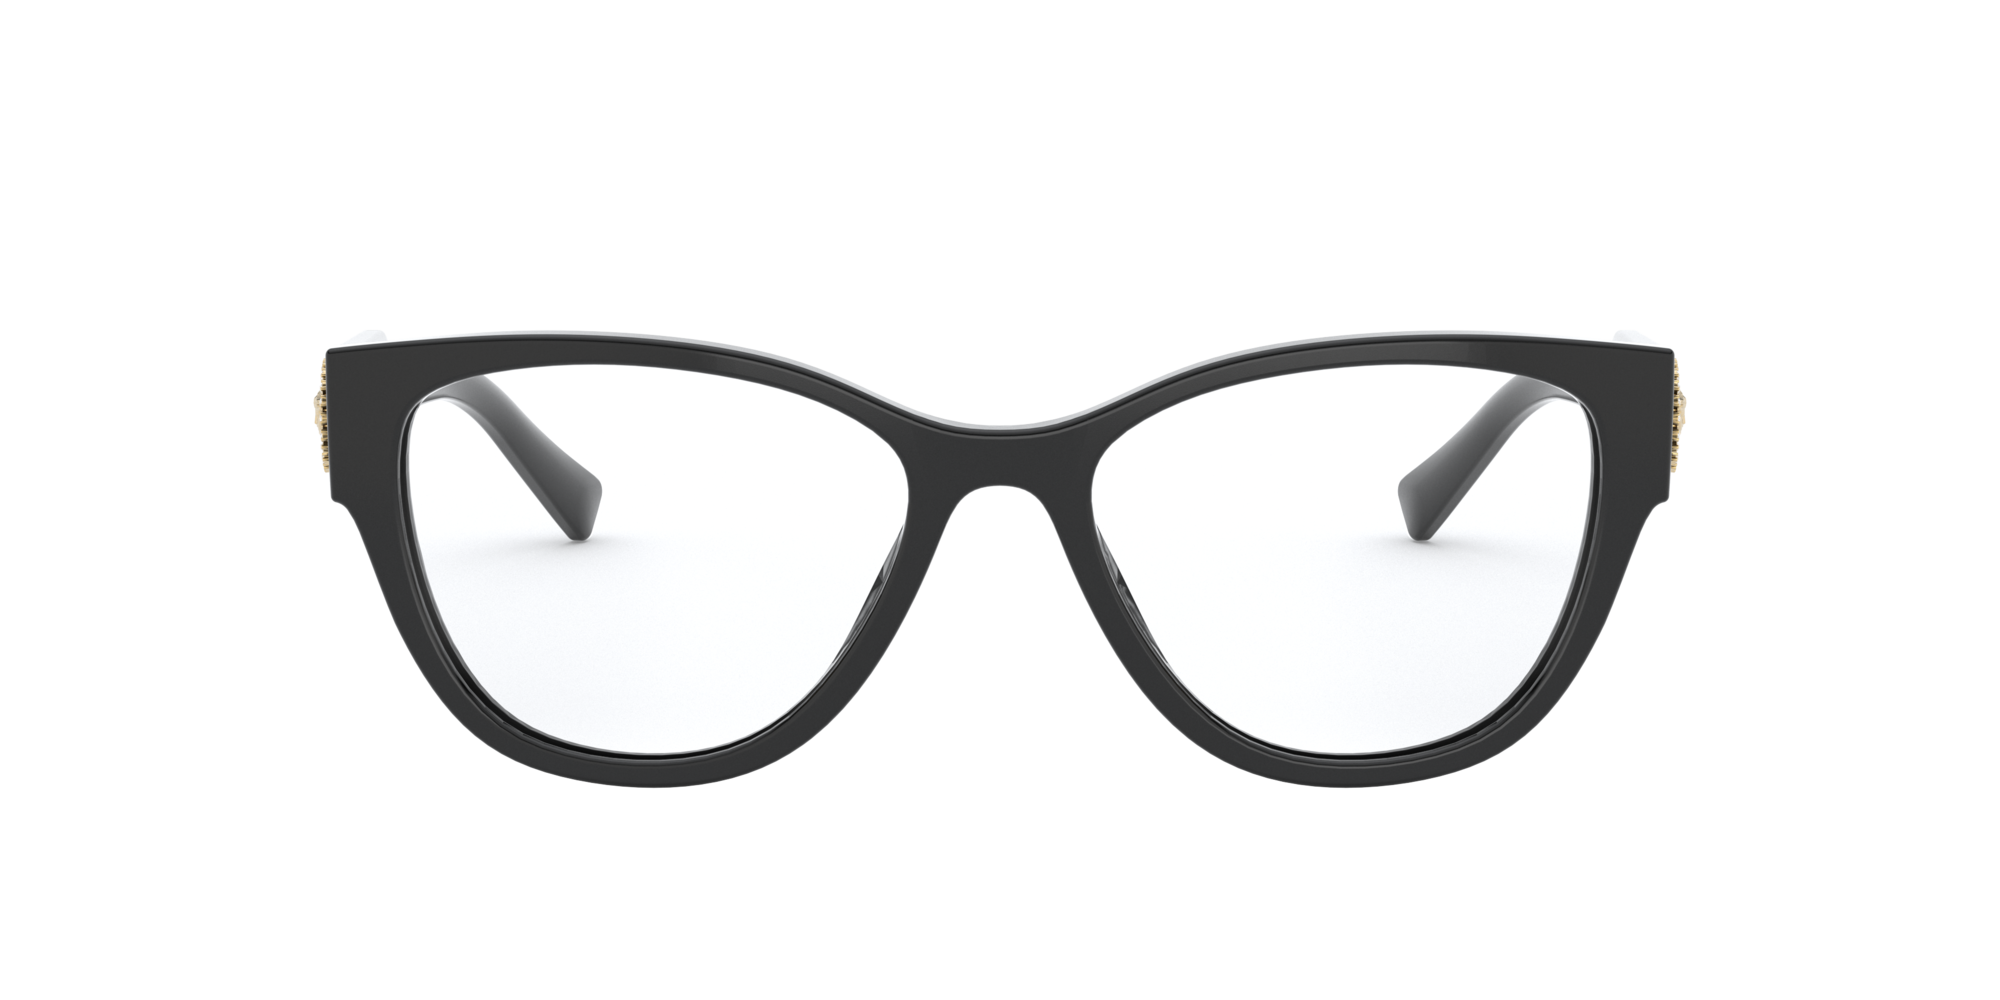 Imagen para VE3281B de LensCrafters |  Espejuelos, espejuelos graduados en línea, gafas